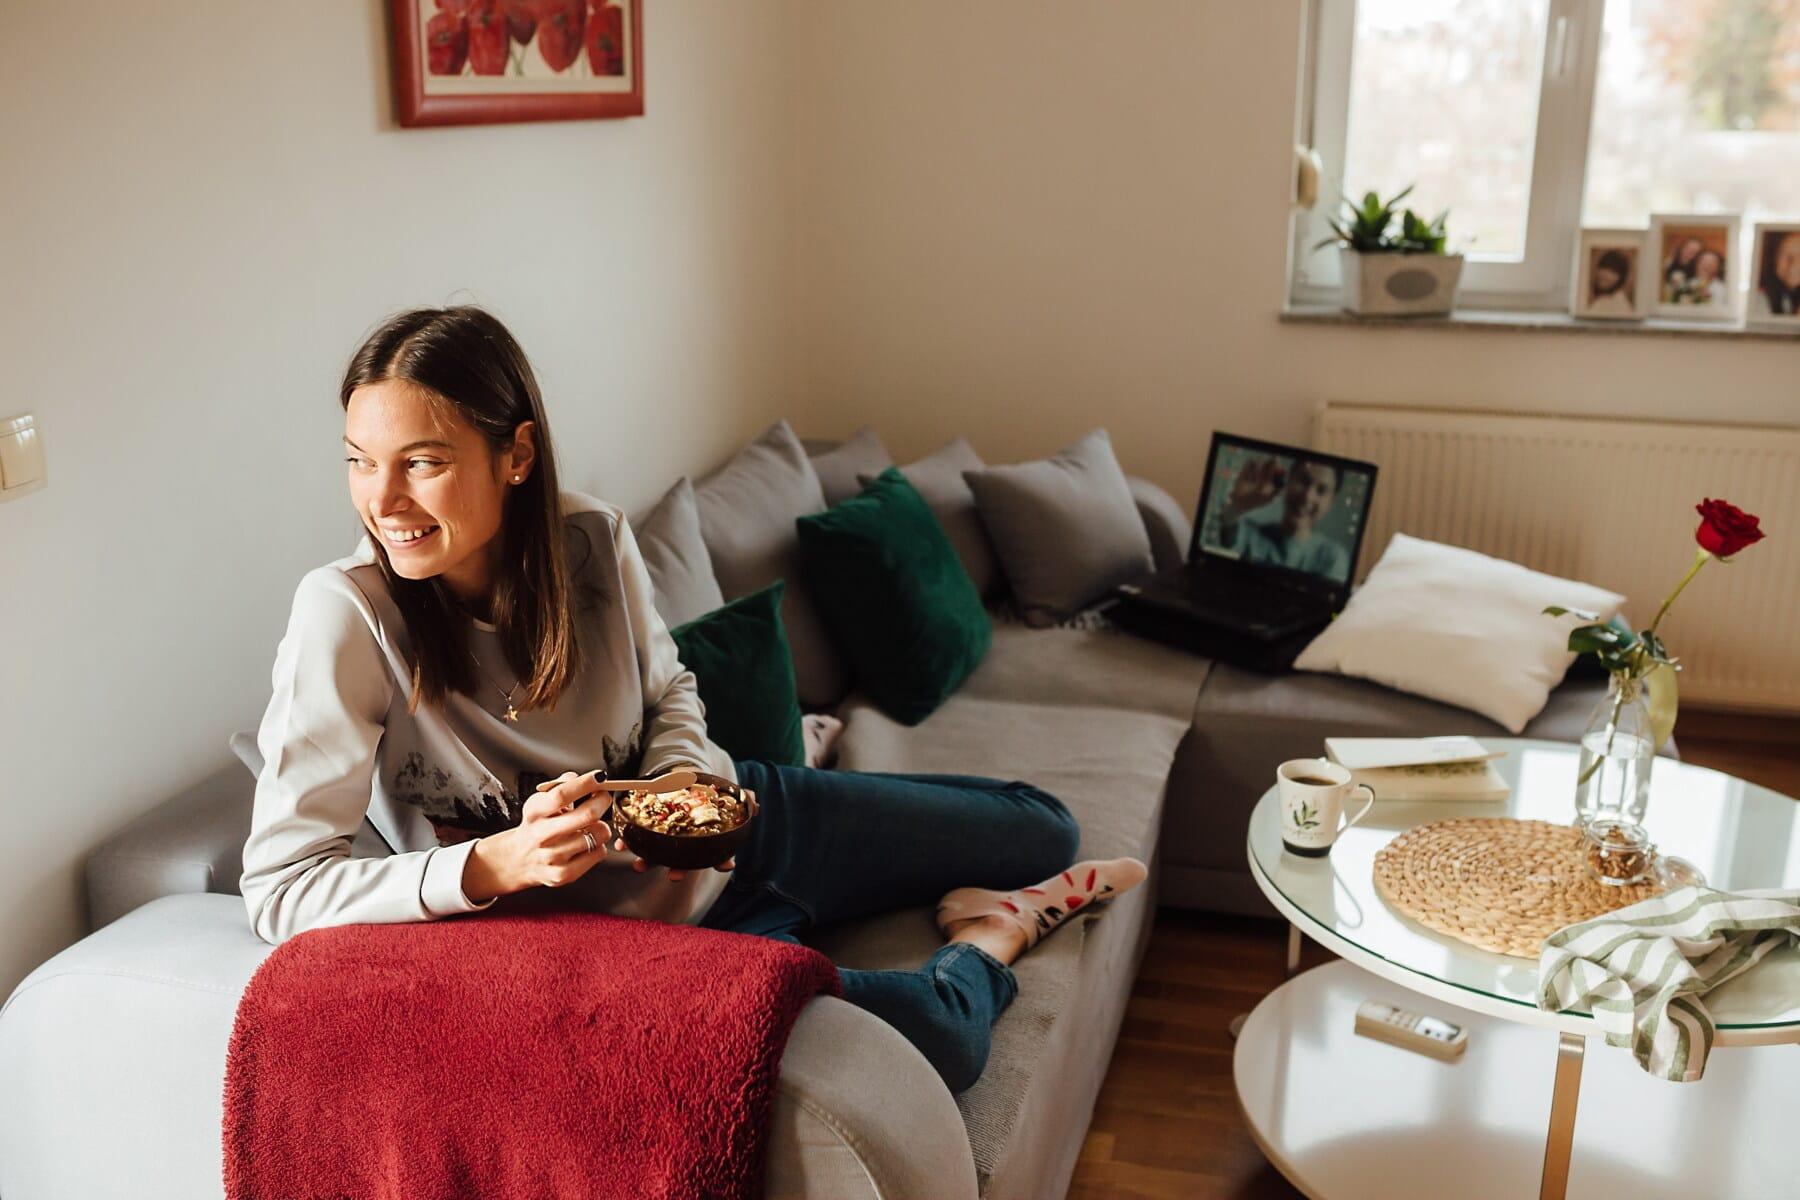 wanita muda, tersenyum, sarapan, Ruang tamu, relaksasi, sofa, gaya hidup, komputer laptop, Kamar, di dalam ruangan